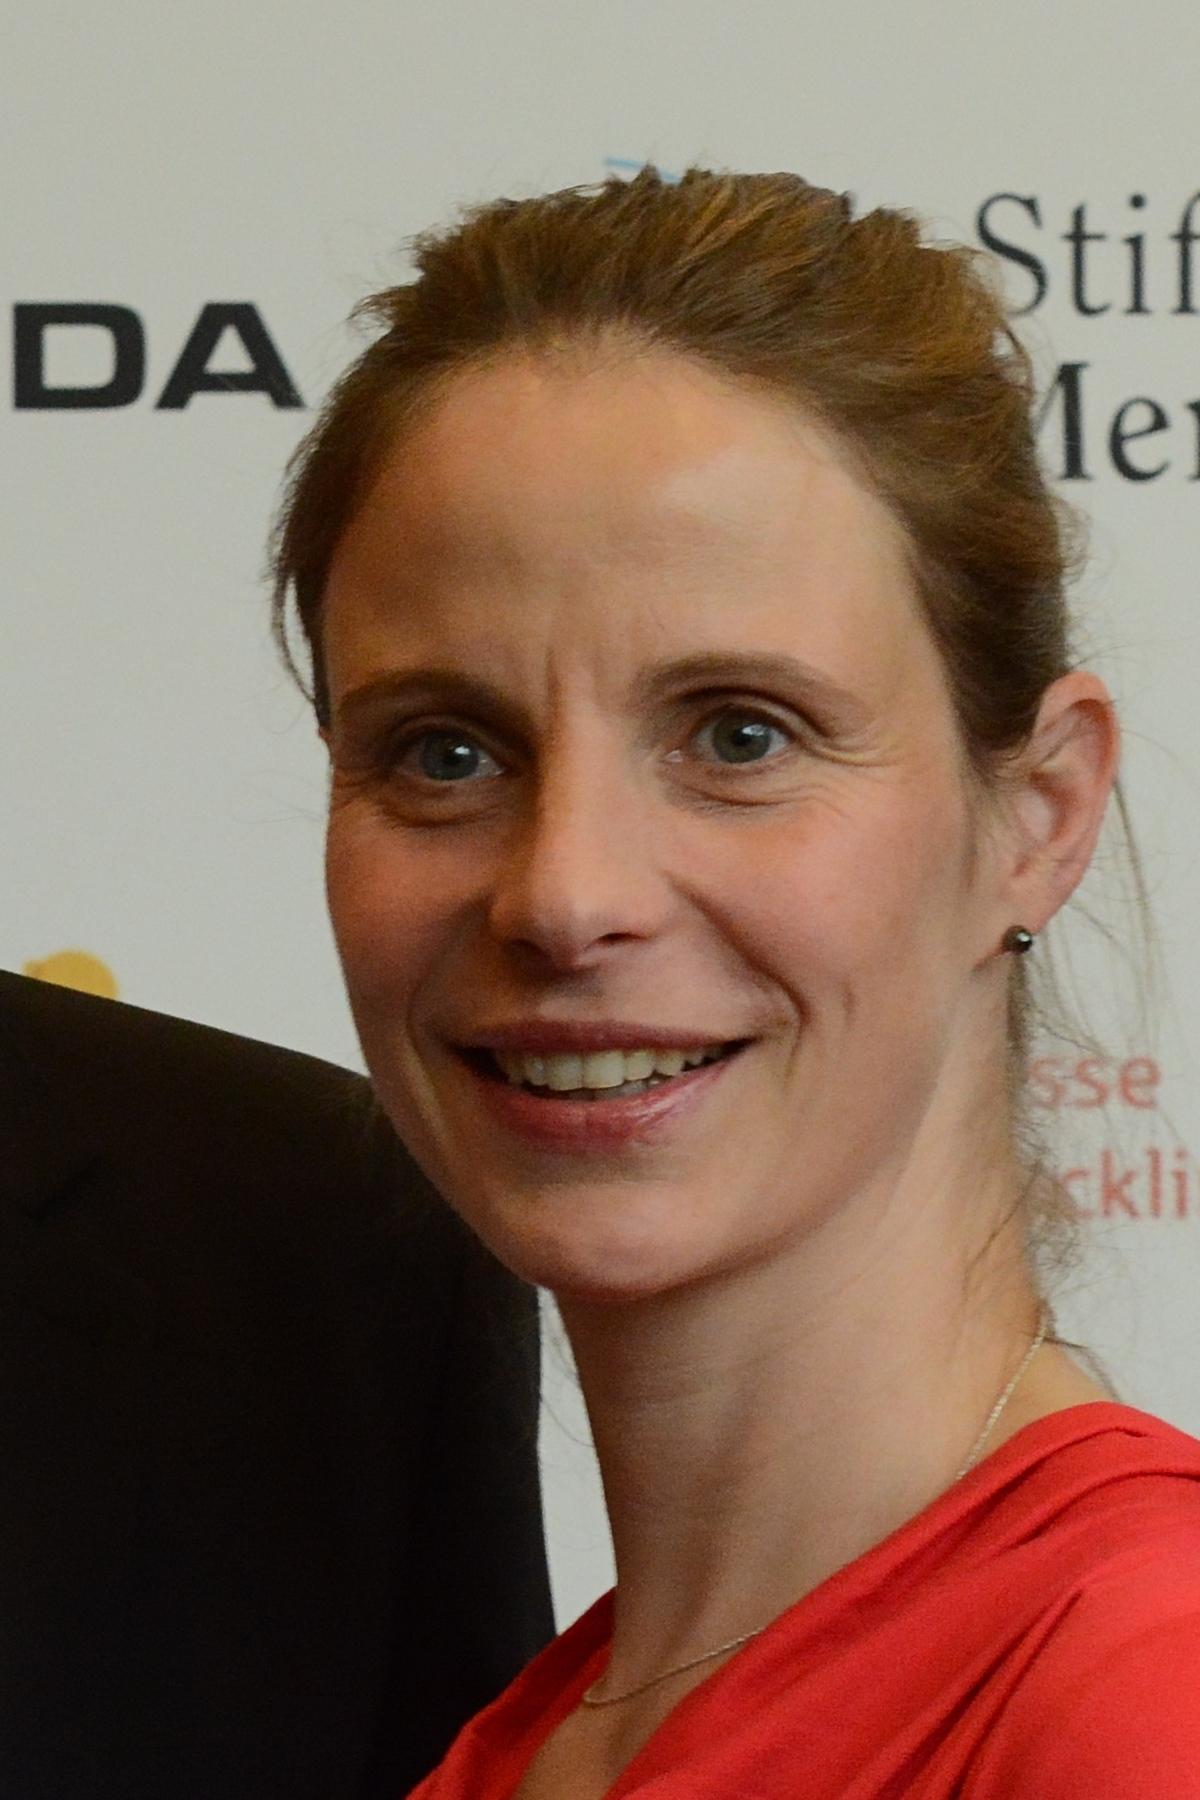 Julia Jager Wikipedia